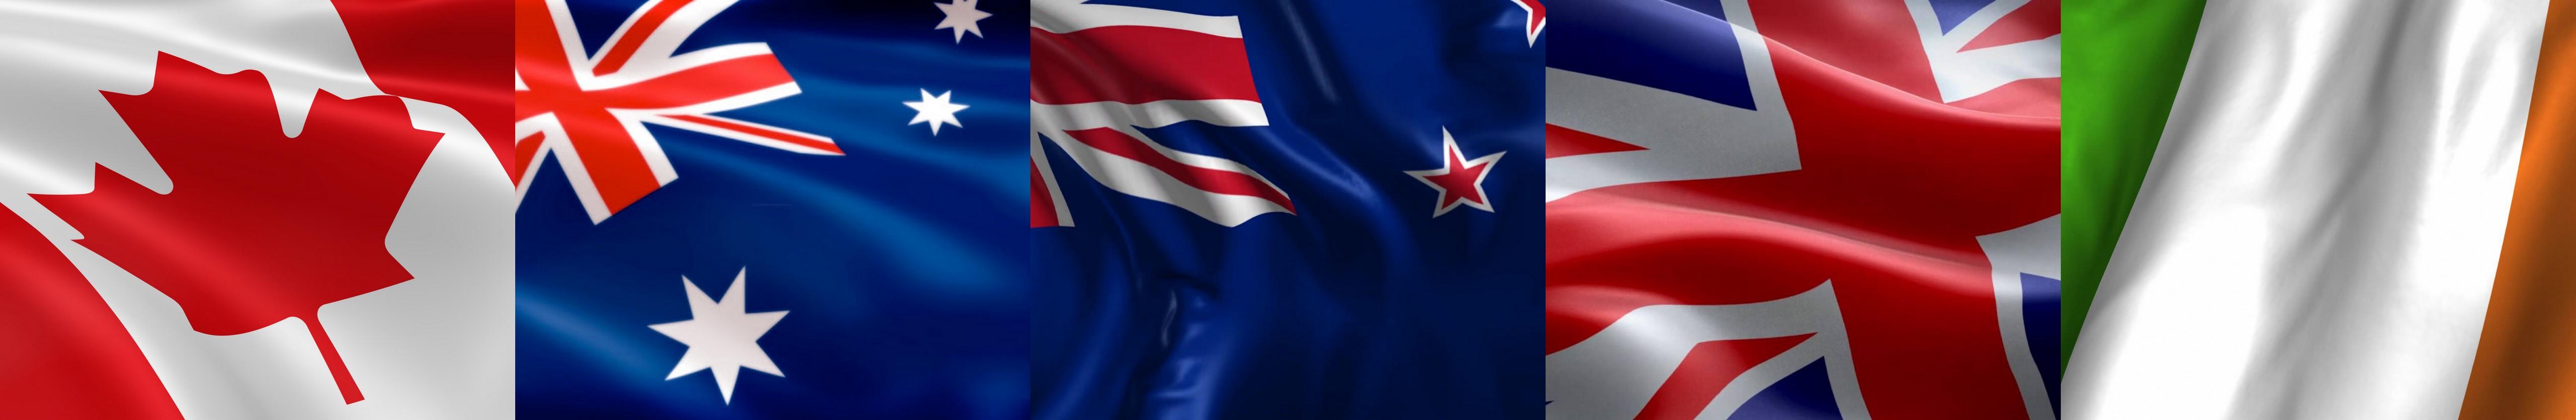 海外留学プログラム-海外留学-長期留学-ワーキングホリデービザサポートプログラム-ワーキングホリデービザ-ワーキング-ホリデー-ワーキングビザ-ビザ-サポート-プログラム-Working Holiday-英語圏-カナダ-オーストラリア-ニュージーランド-イギリス-アイルランド-ヨーロッパ諸国-ドイツ-フランス-ポルトガル-デンマーク-ポーランド-ノルウェイ-ベルギー-アジア諸国-台湾-韓国-香港-Study Abroad-ホテル-観光-国際ビジネス-英語-留学-大学編入-専門学校-専門学校ライフジュニアカレッジ- LIFE Jr. College-LifeJrCollege-沖縄県の専門学校ライフジュニアカレッジ-沖縄県の専門学校 LIFE Jr. College-沖縄専門学校ライフジュニアカレッジ-沖縄県那覇市-沖縄県知事認可専修学校